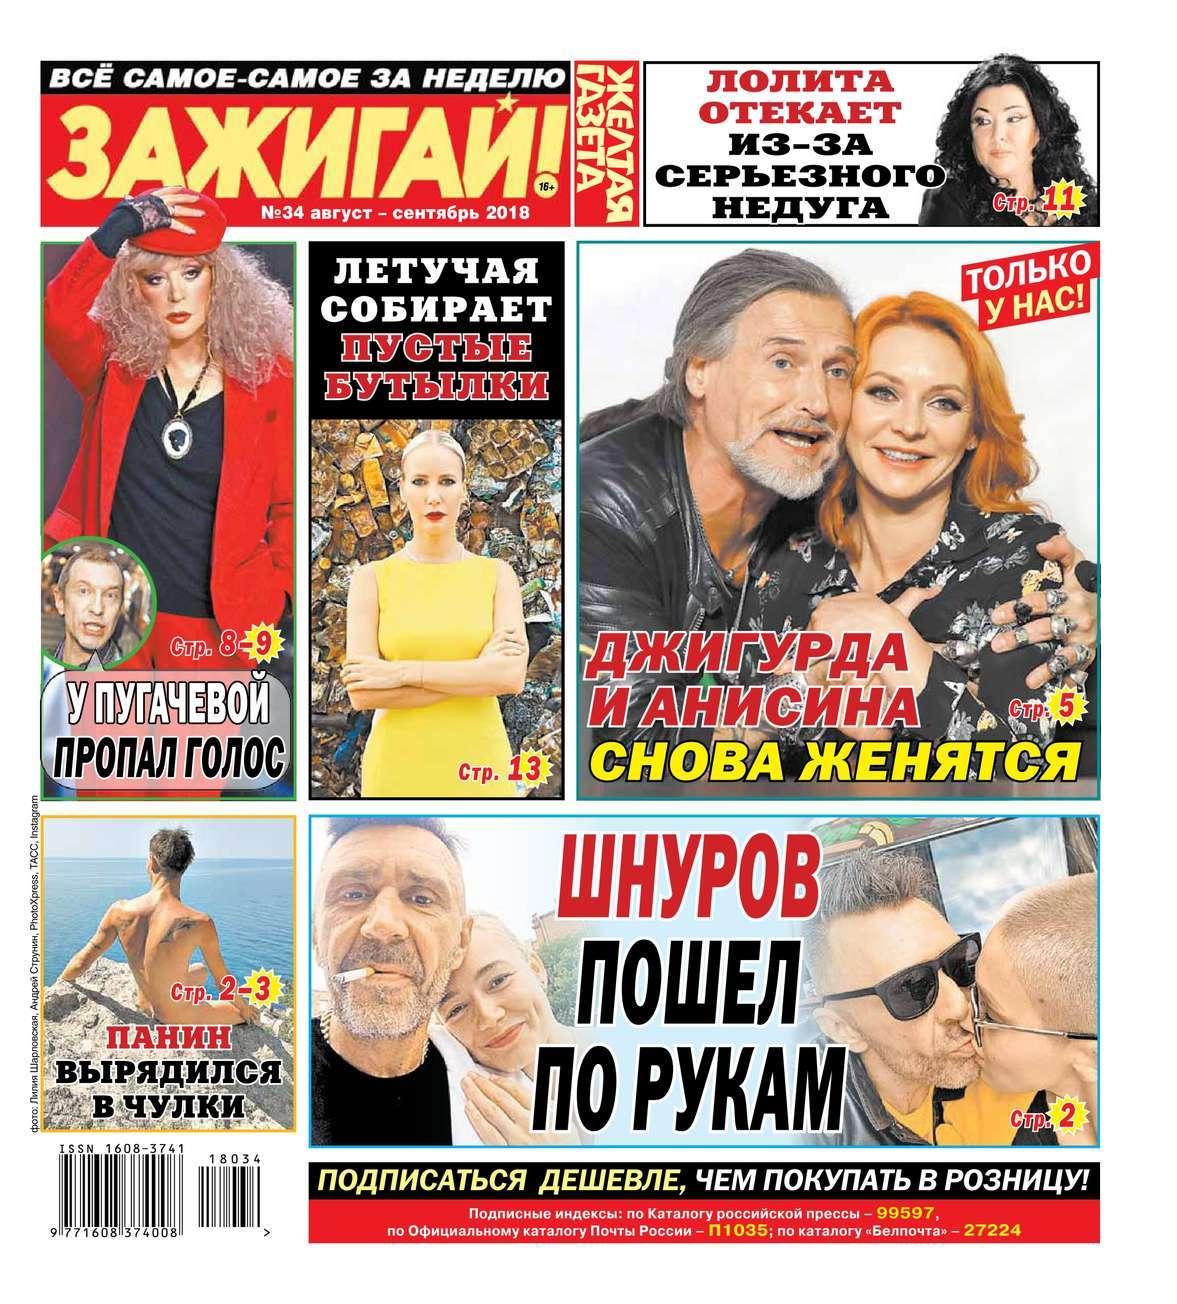 Желтая Газета. Зажигай! 34-2018